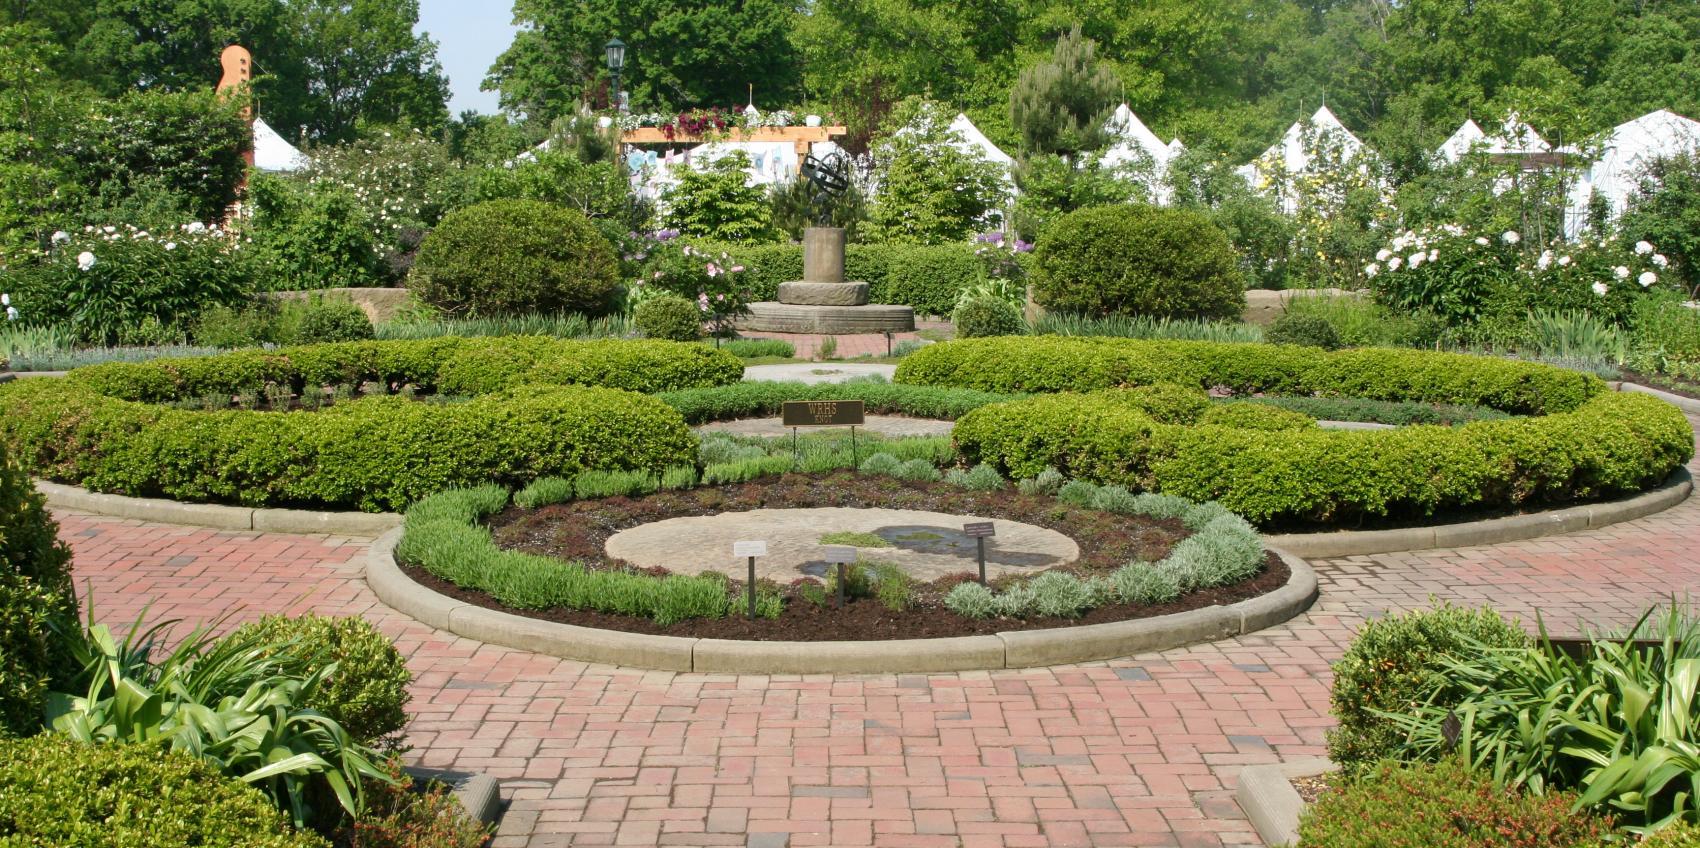 Cleveland botanical garden american public gardens for American garden association